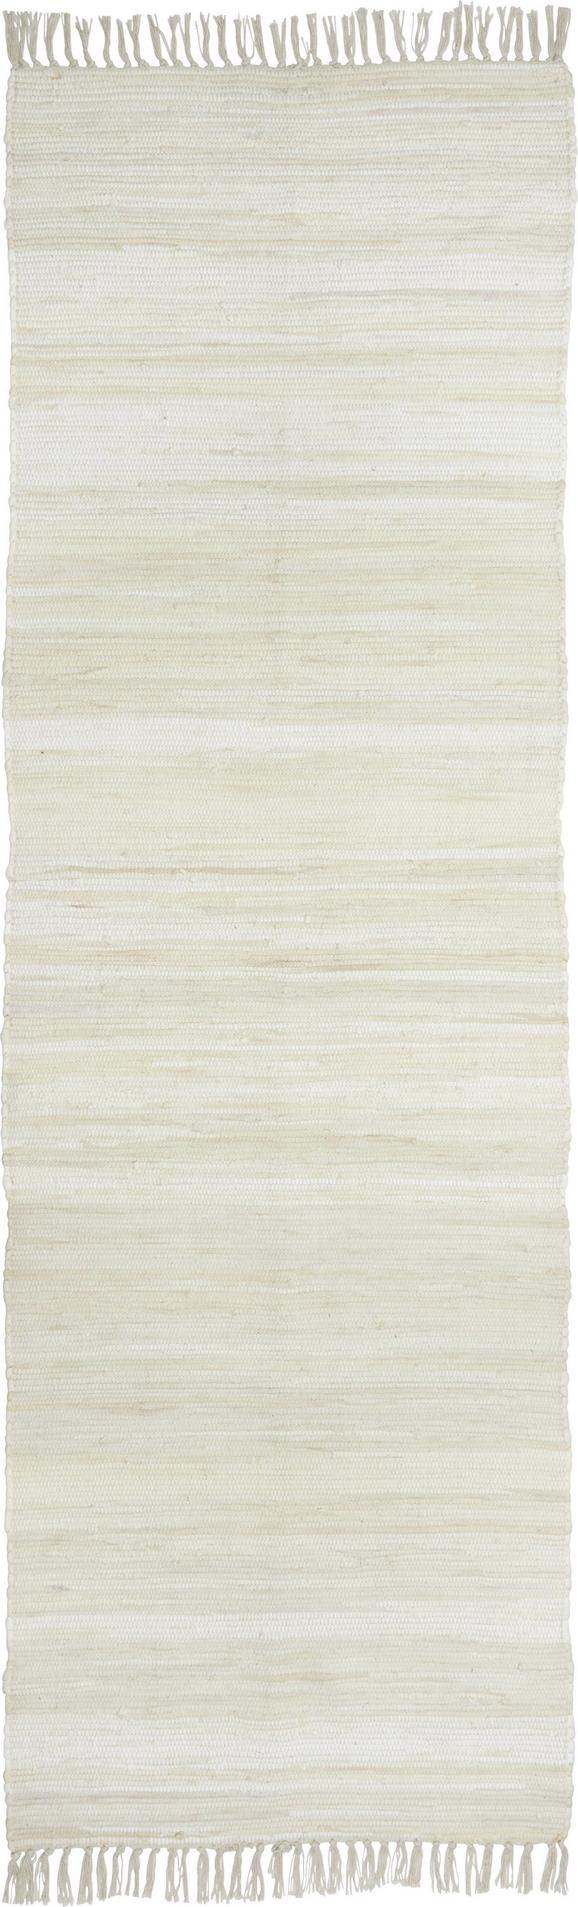 Rongyszőnyeg Julia - Krém, konvencionális, Textil (70/230cm) - Mömax modern living